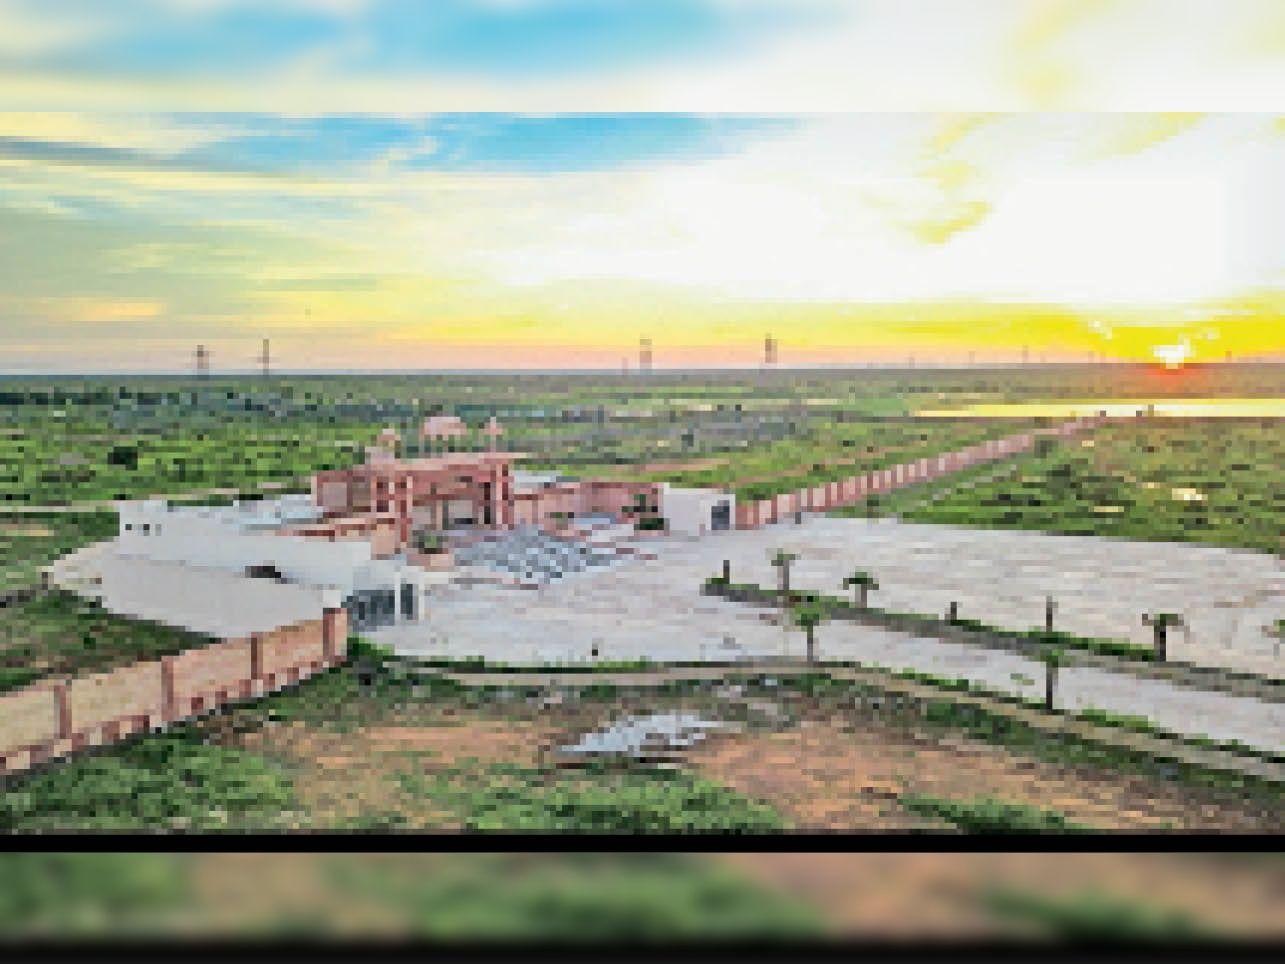 बायोलॉजिकल पार्क में जयपुर और उदयपुर से शिफ्ट किए जाने हैं शेर-शेरनी। - Dainik Bhaskar